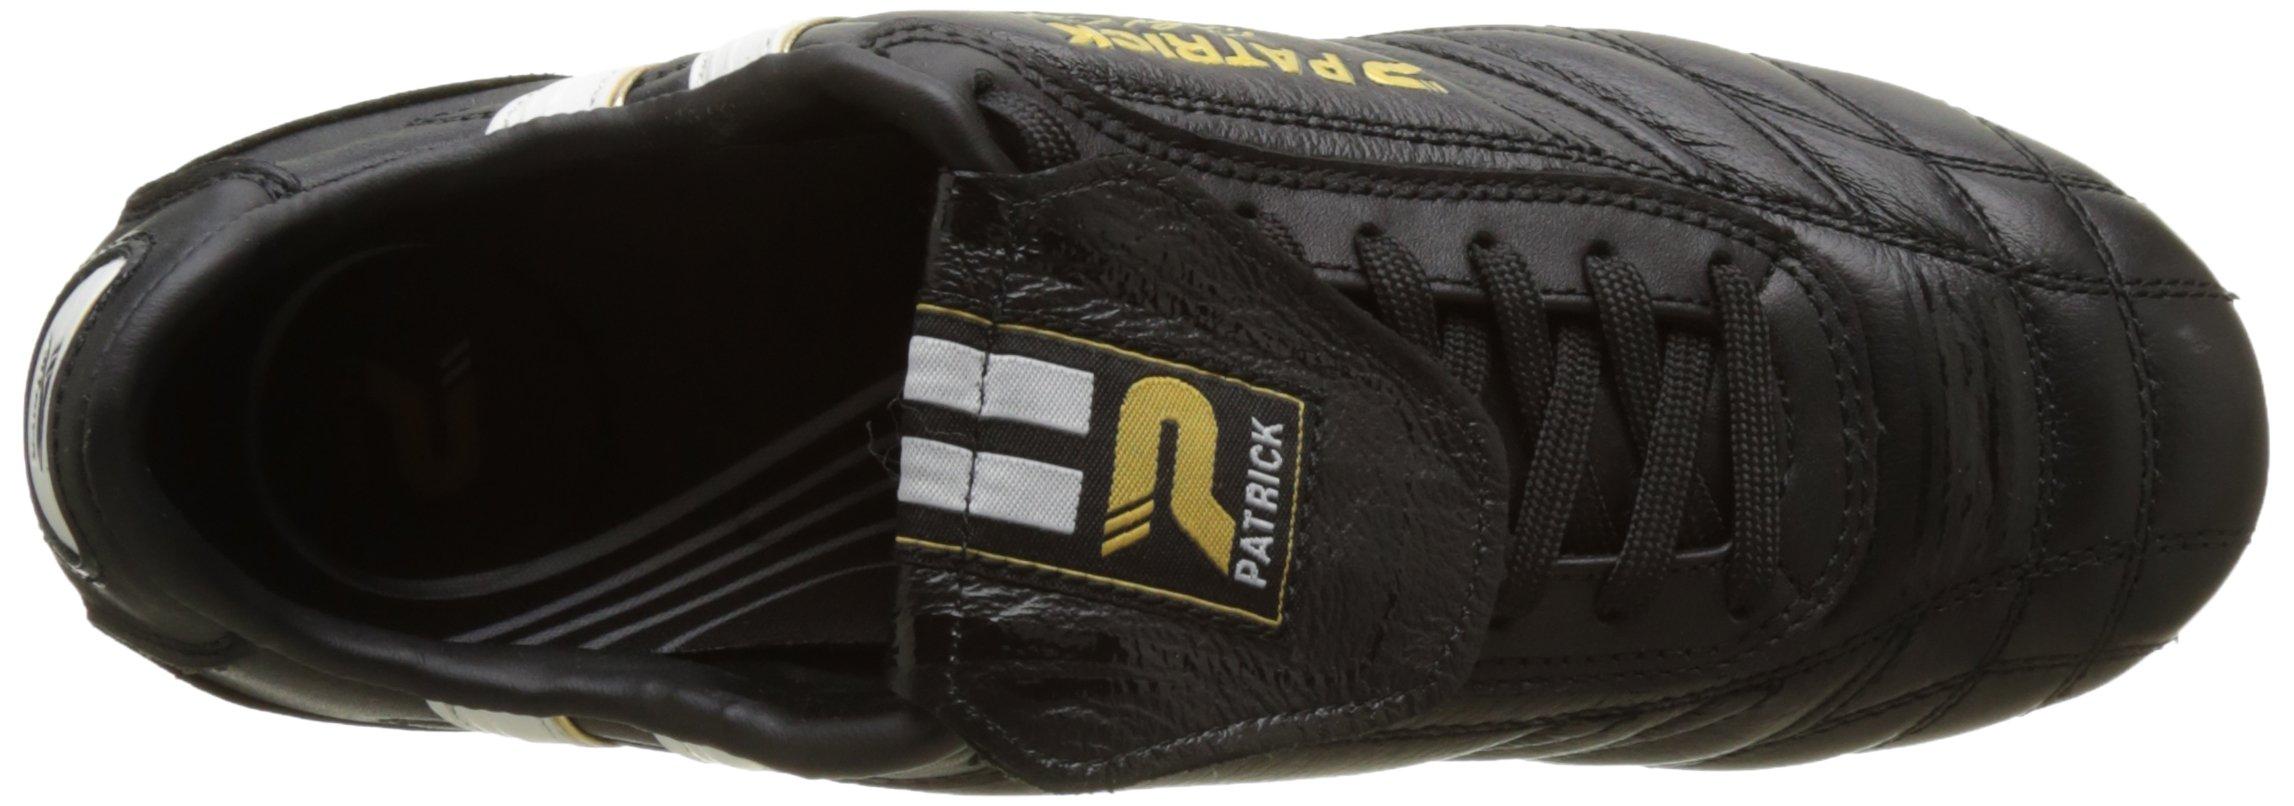 402e2c382872 Patrick Gold Cup-13 Soccer Shoe | Soccer - TiendaMIA.com